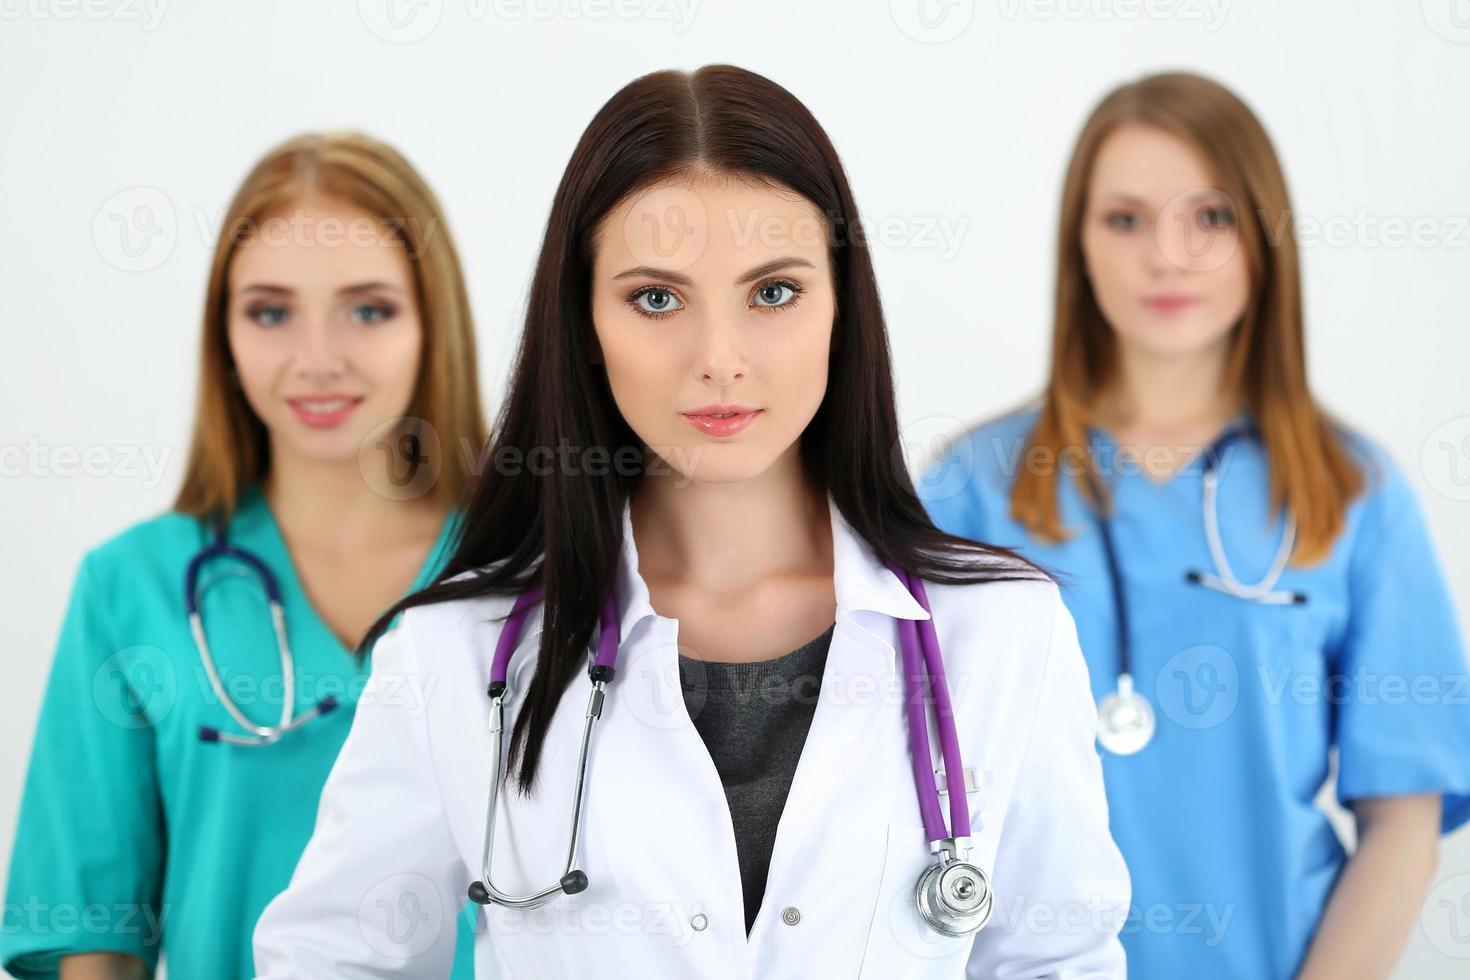 retrato do jovem médico feminino morena foto